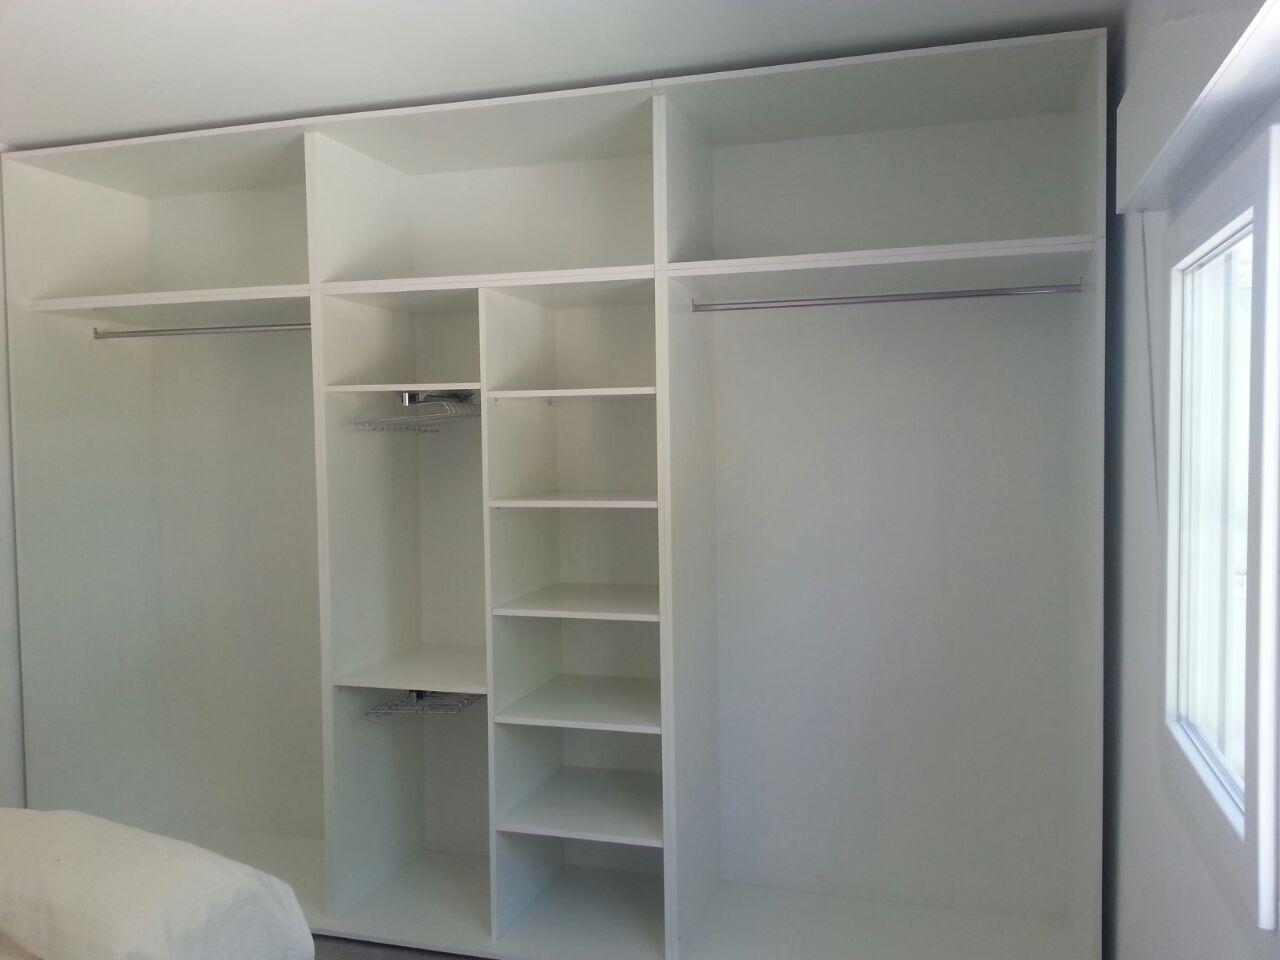 Forrado armario empotrado en blanco interiores de for Armarios empotrados blancos